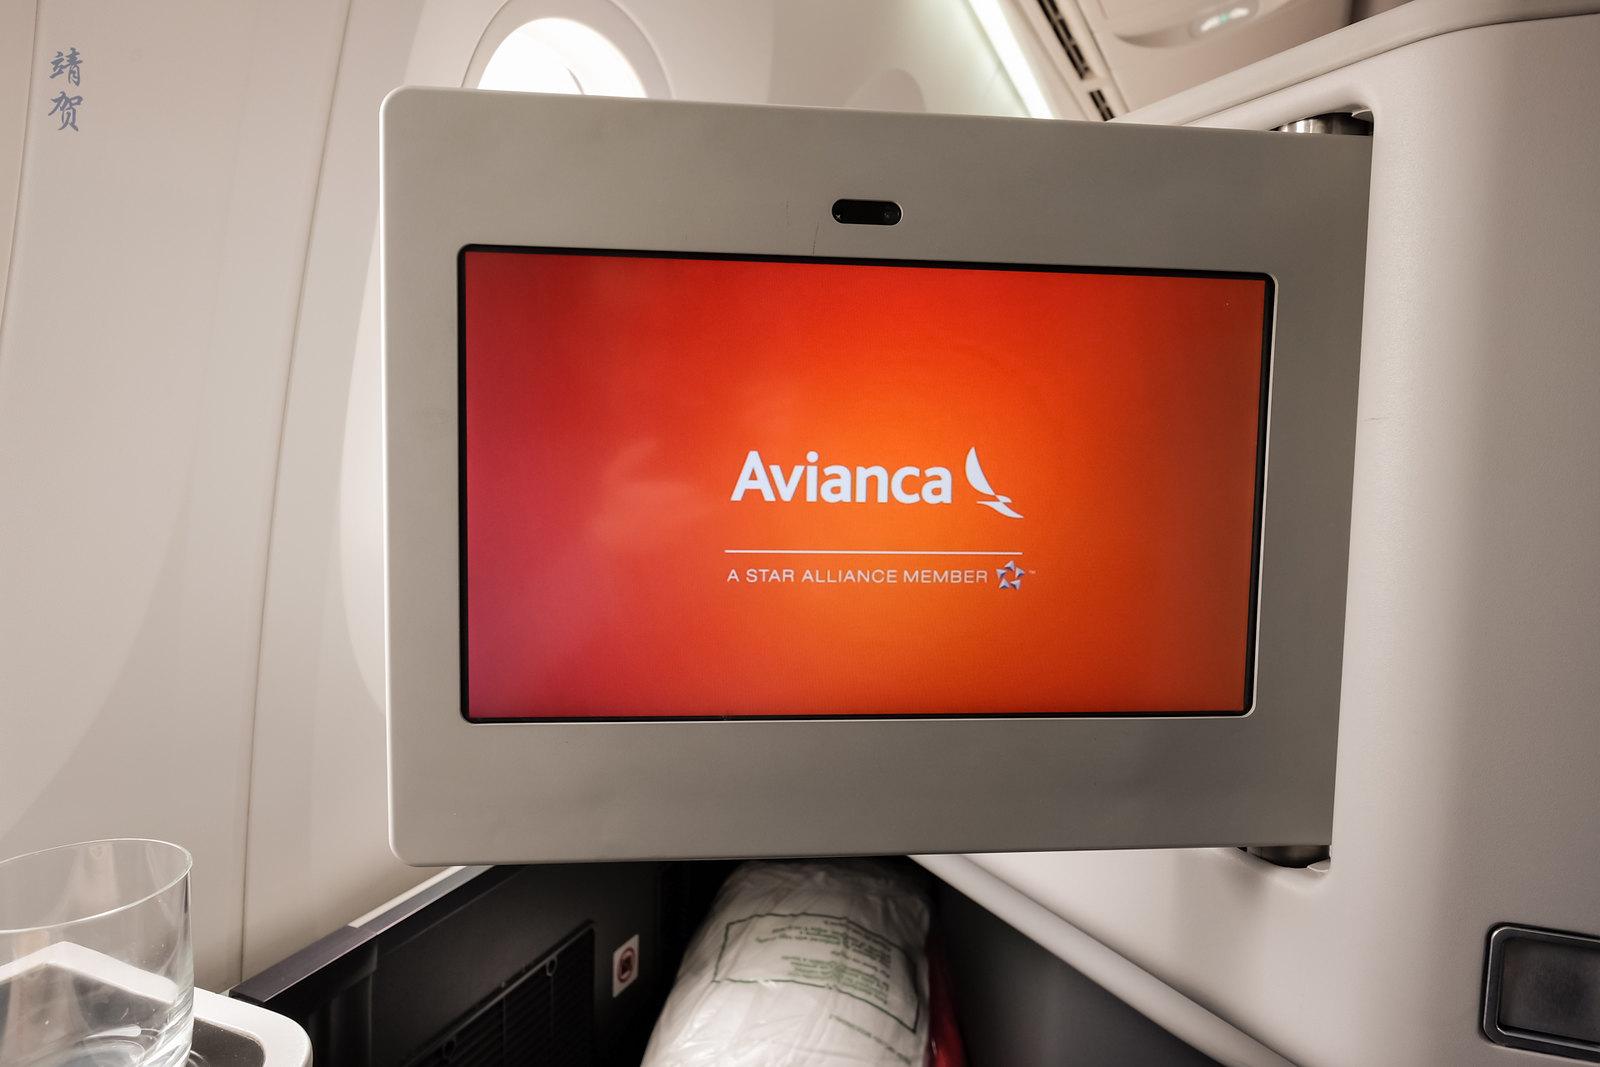 Avianca welcome screen